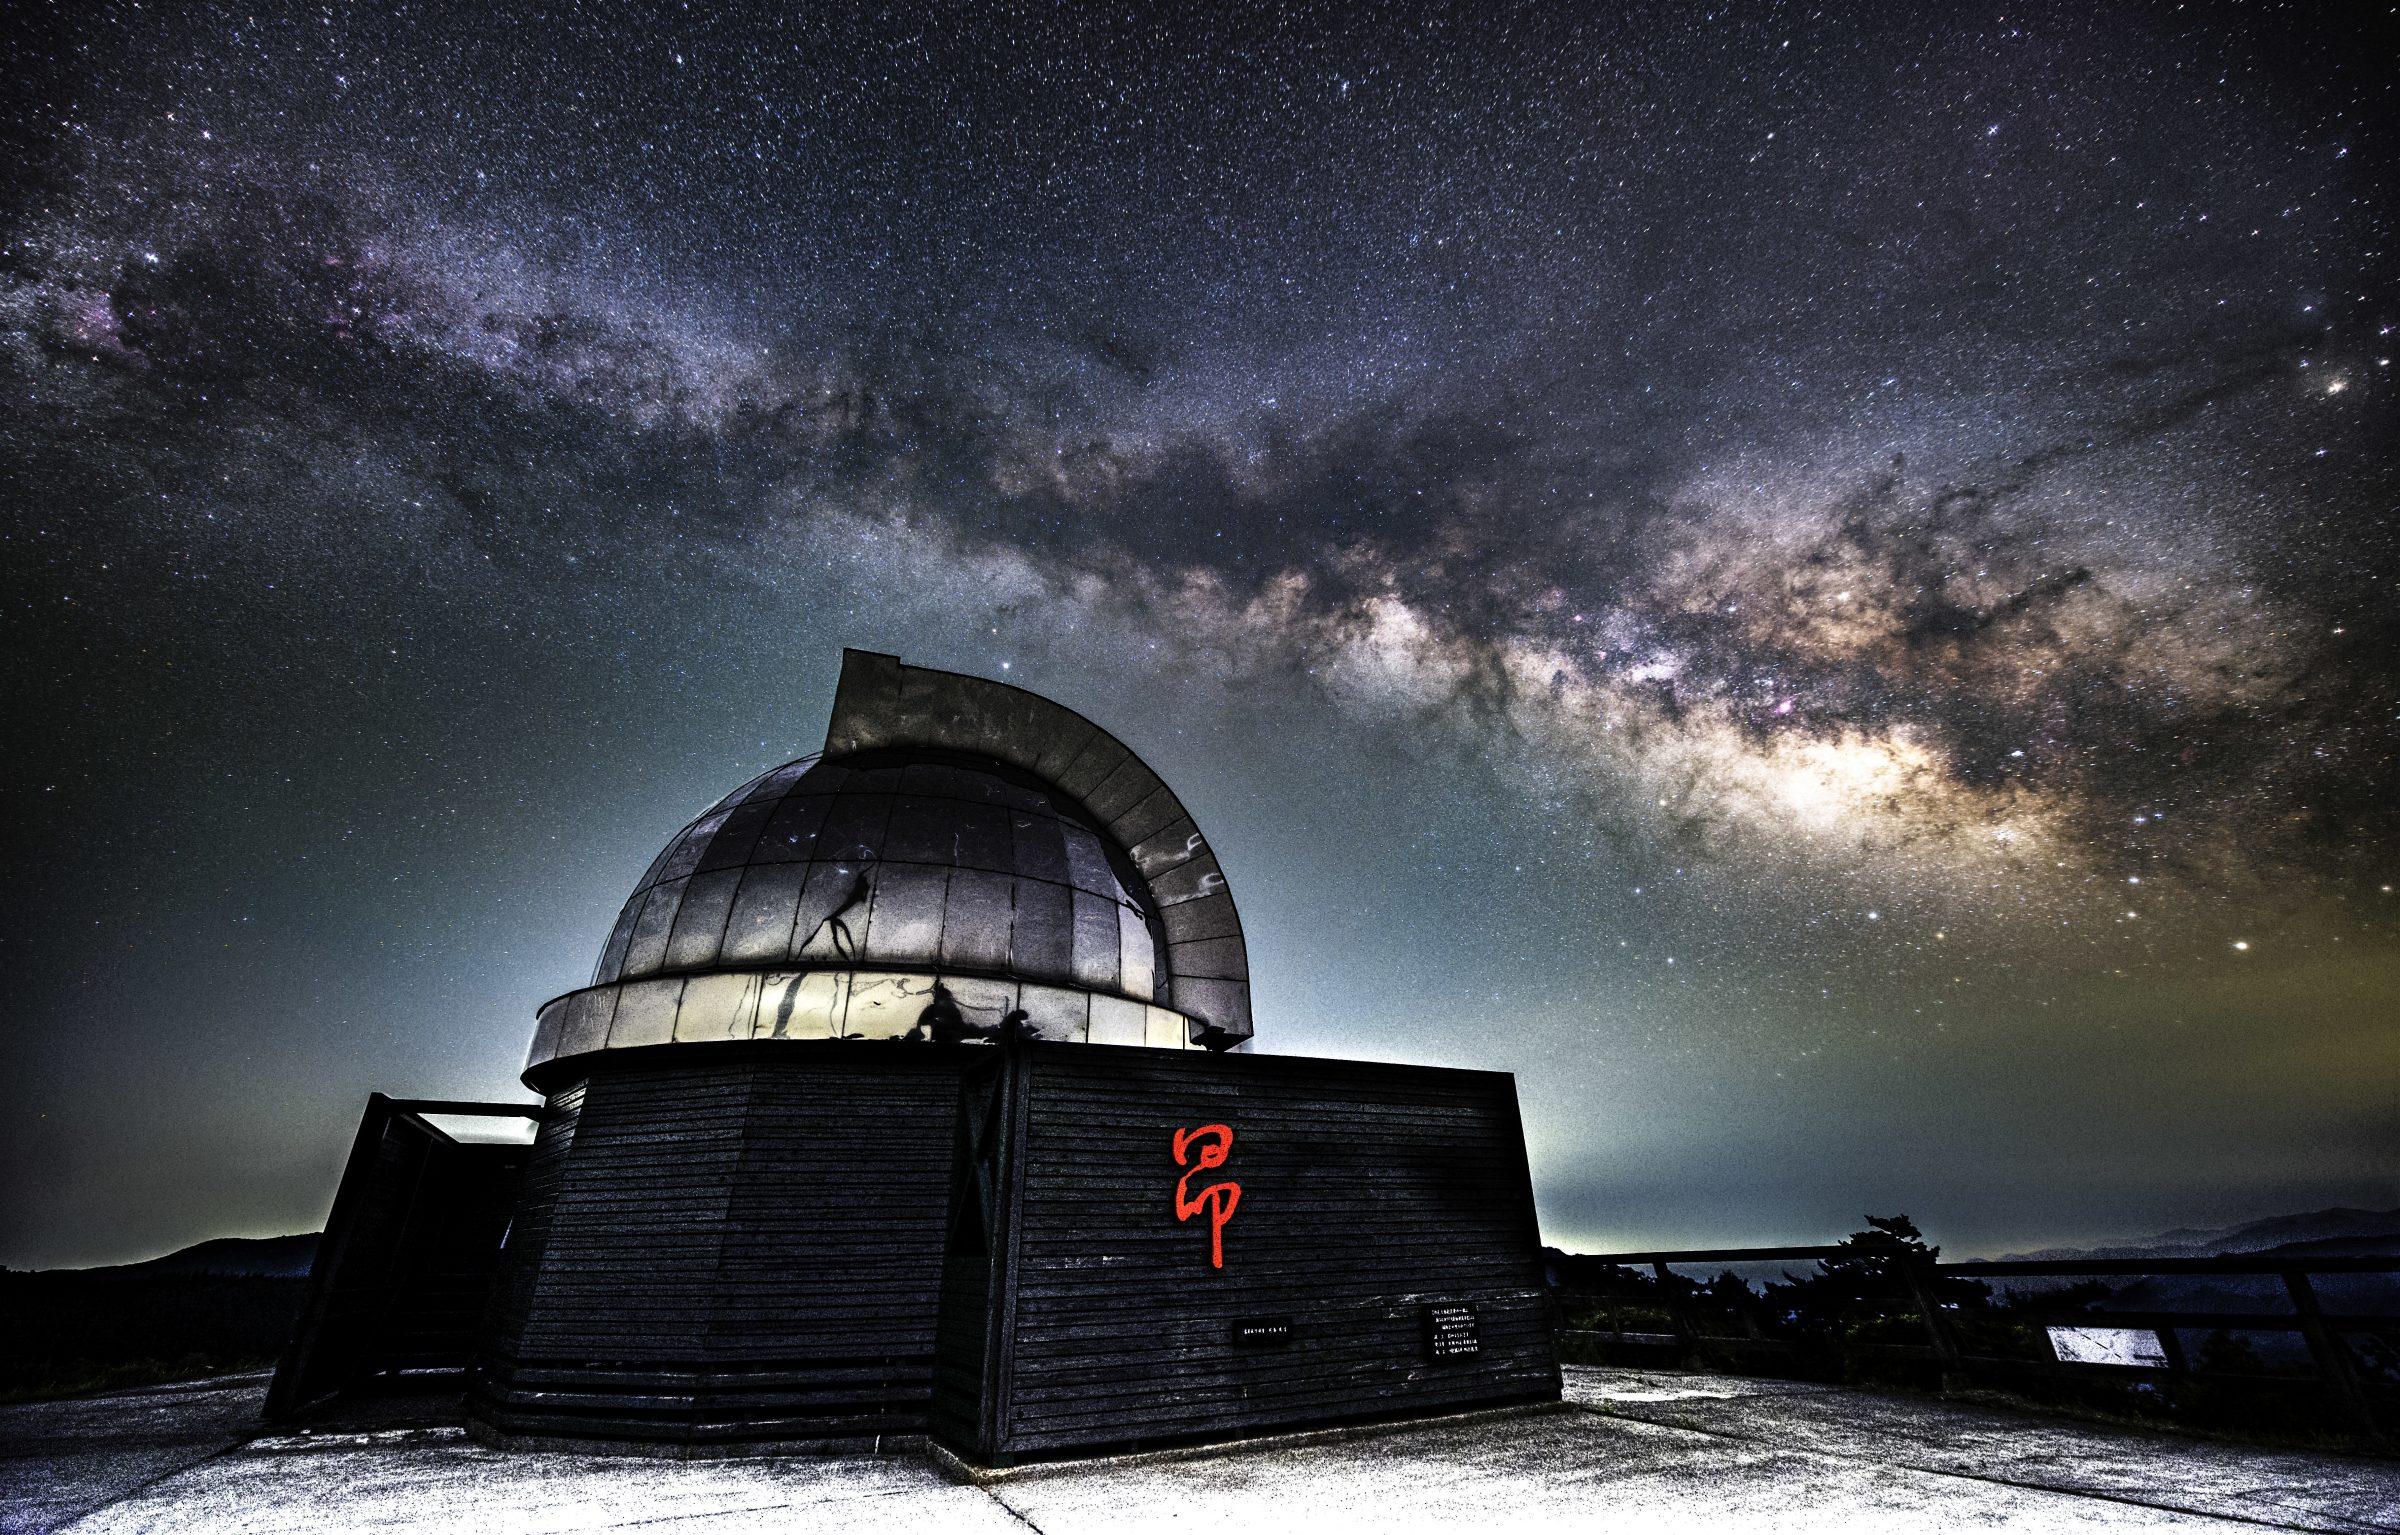 中小屋天文台「昴ドーム」